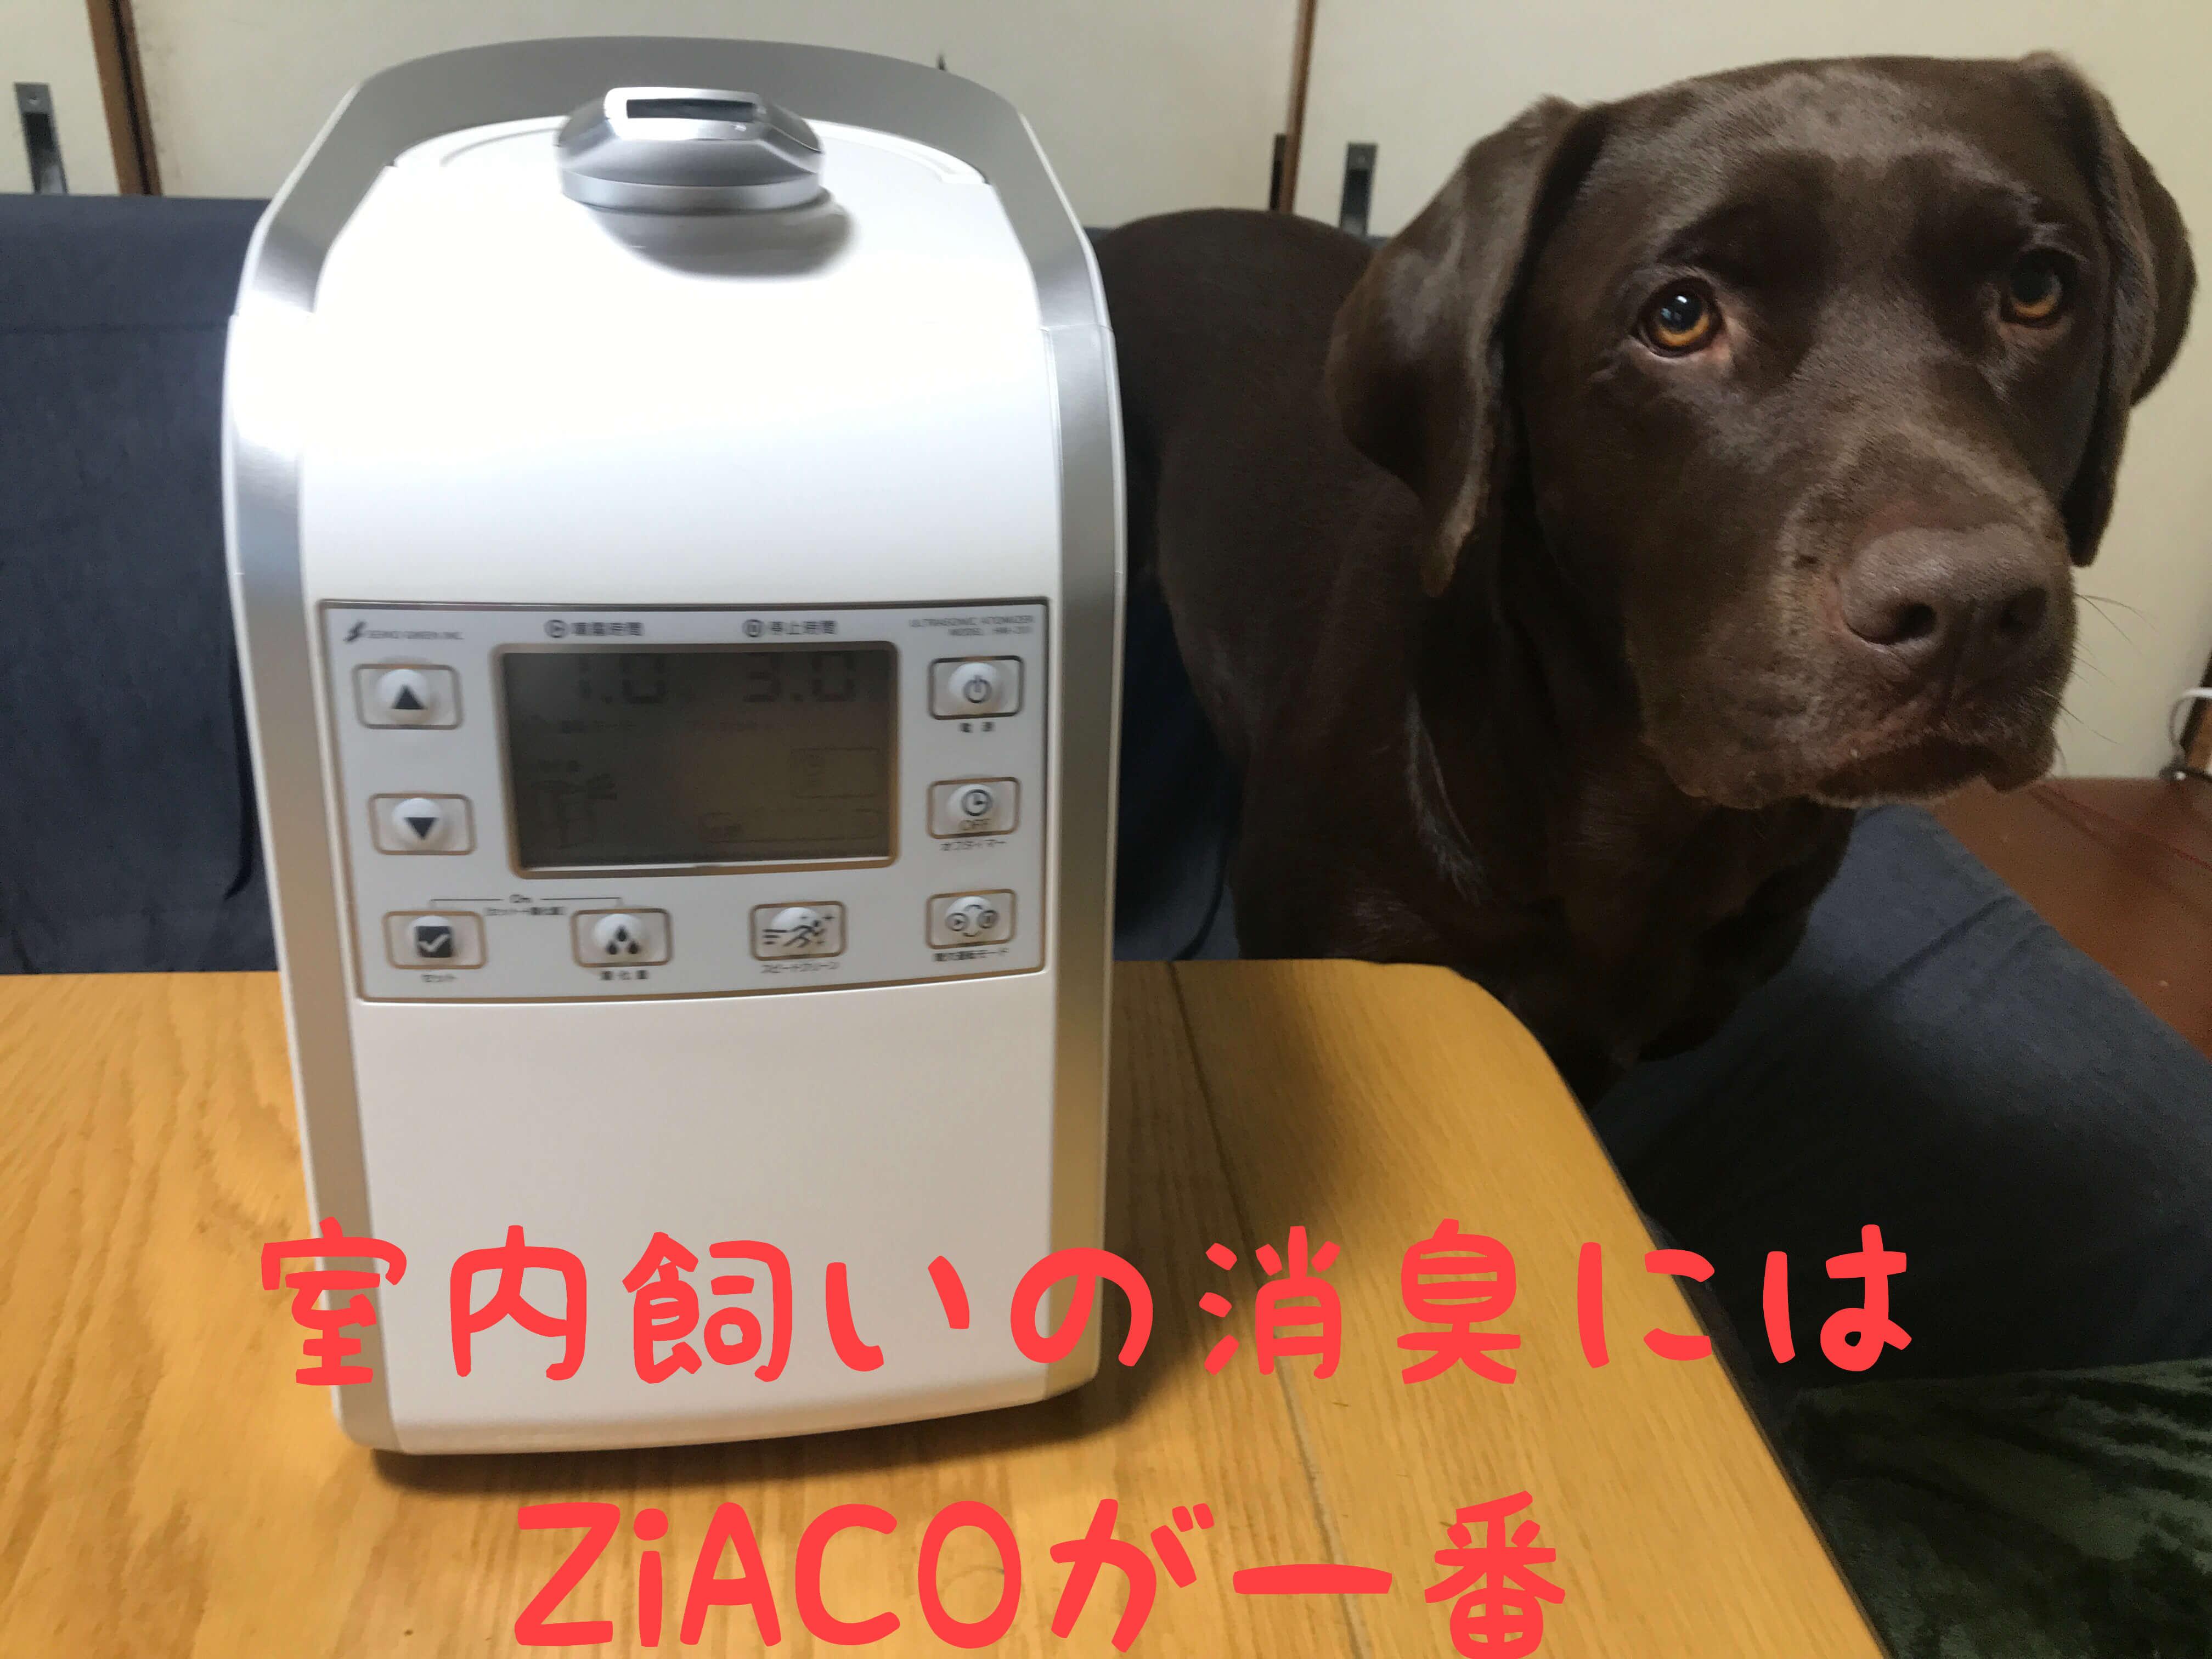 ジアコ チョコラブ 室内飼いの消臭にはZiACOが一番